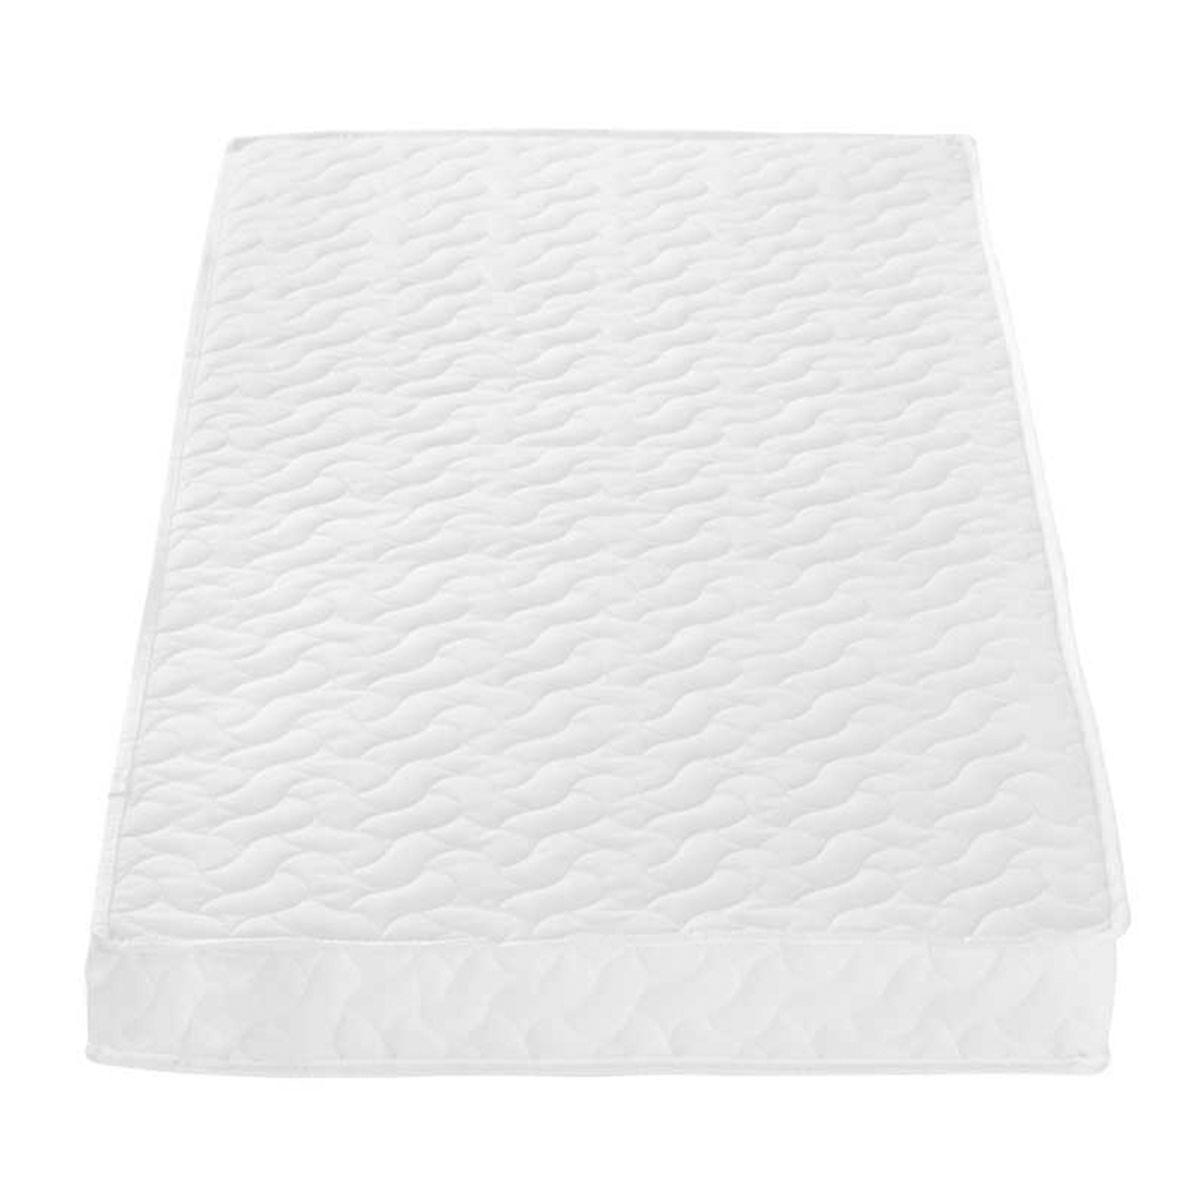 Tutti Bambini Pocket Sprung Cot Mattress (70 x 140cm) - White